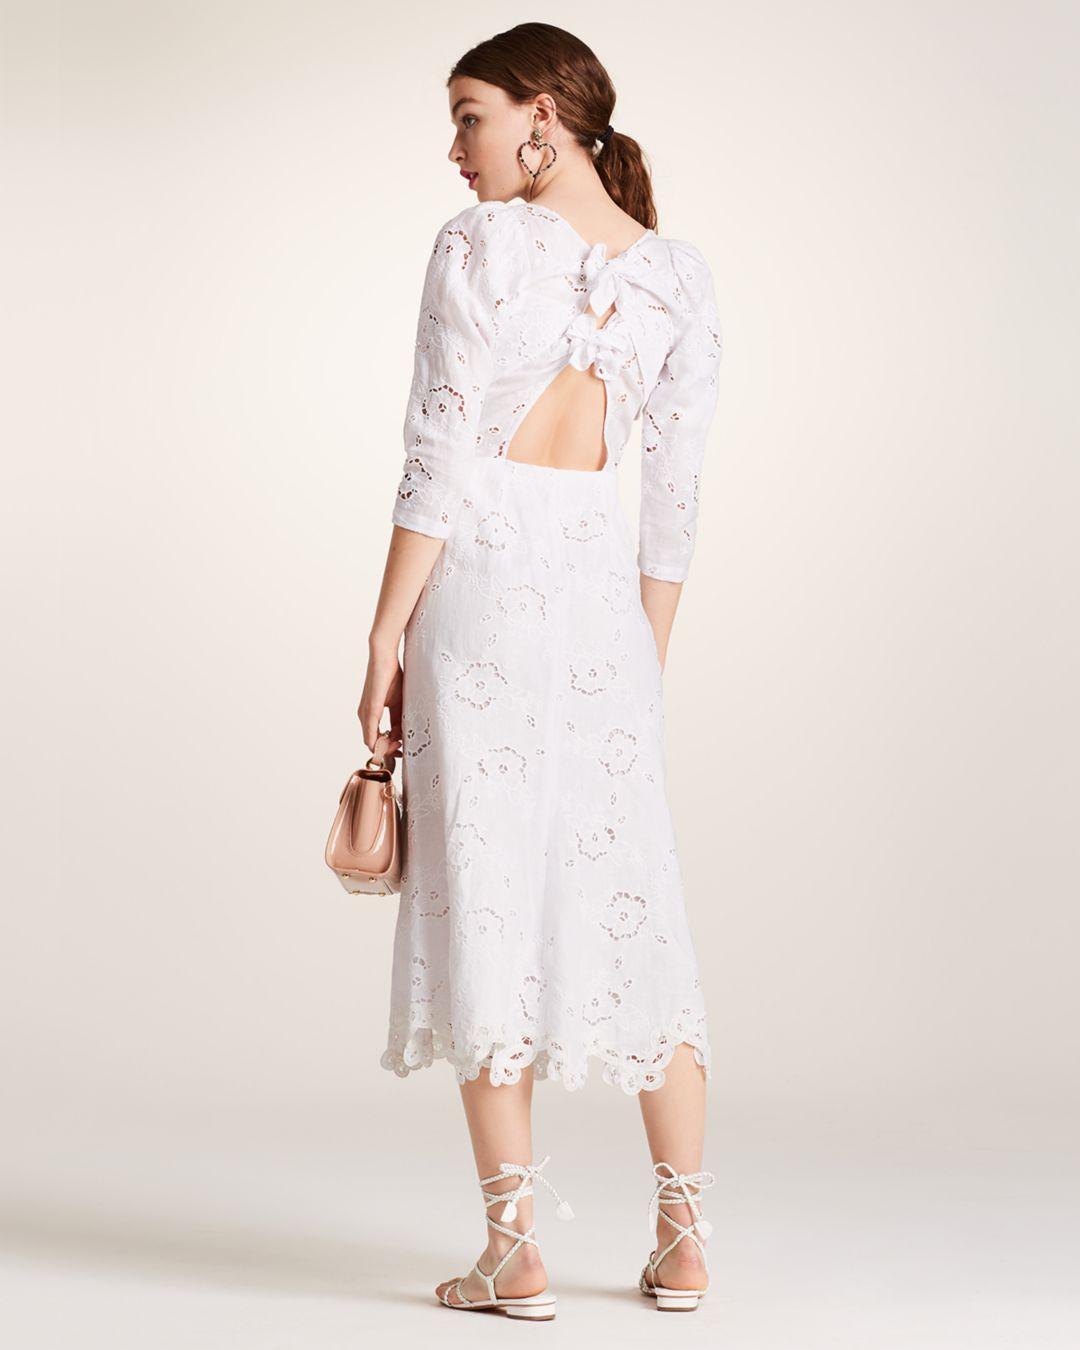 67215755f3e Rebecca Taylor Terri Embroidered V-neck Dress - Lyst